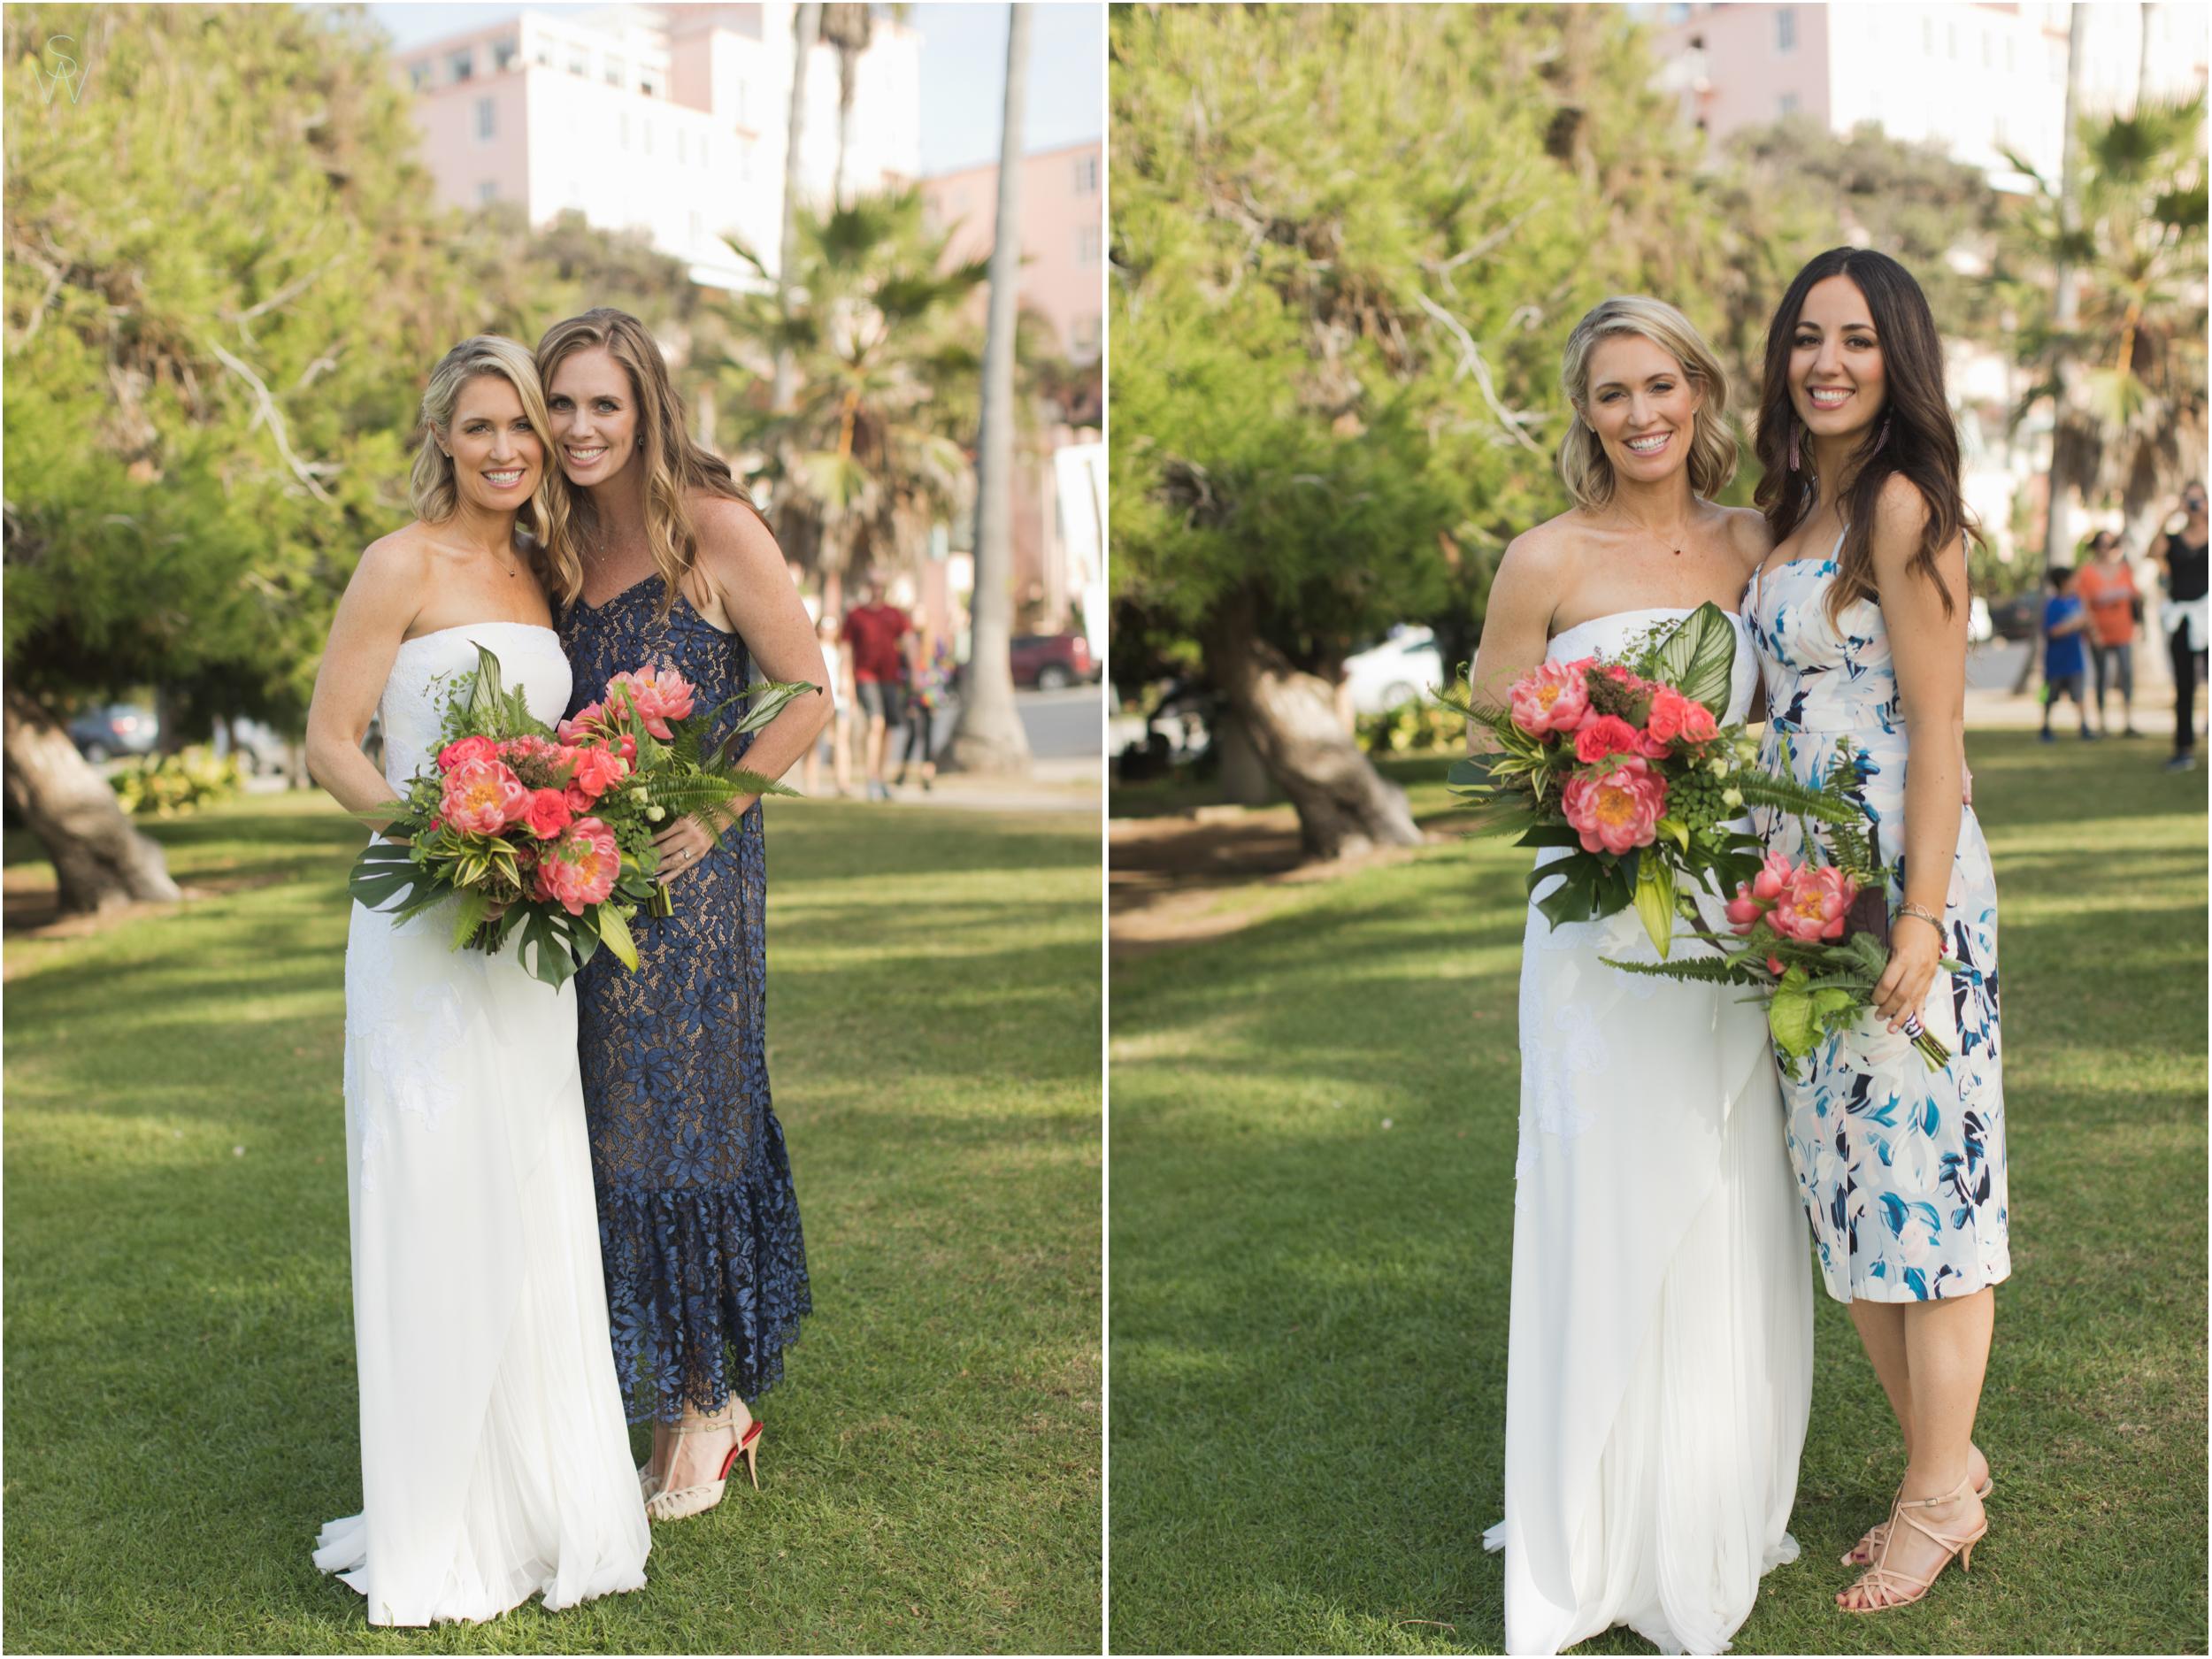 Colleen.Kyle20190122Shewanders.granddelmar.wedding 0454.jpg